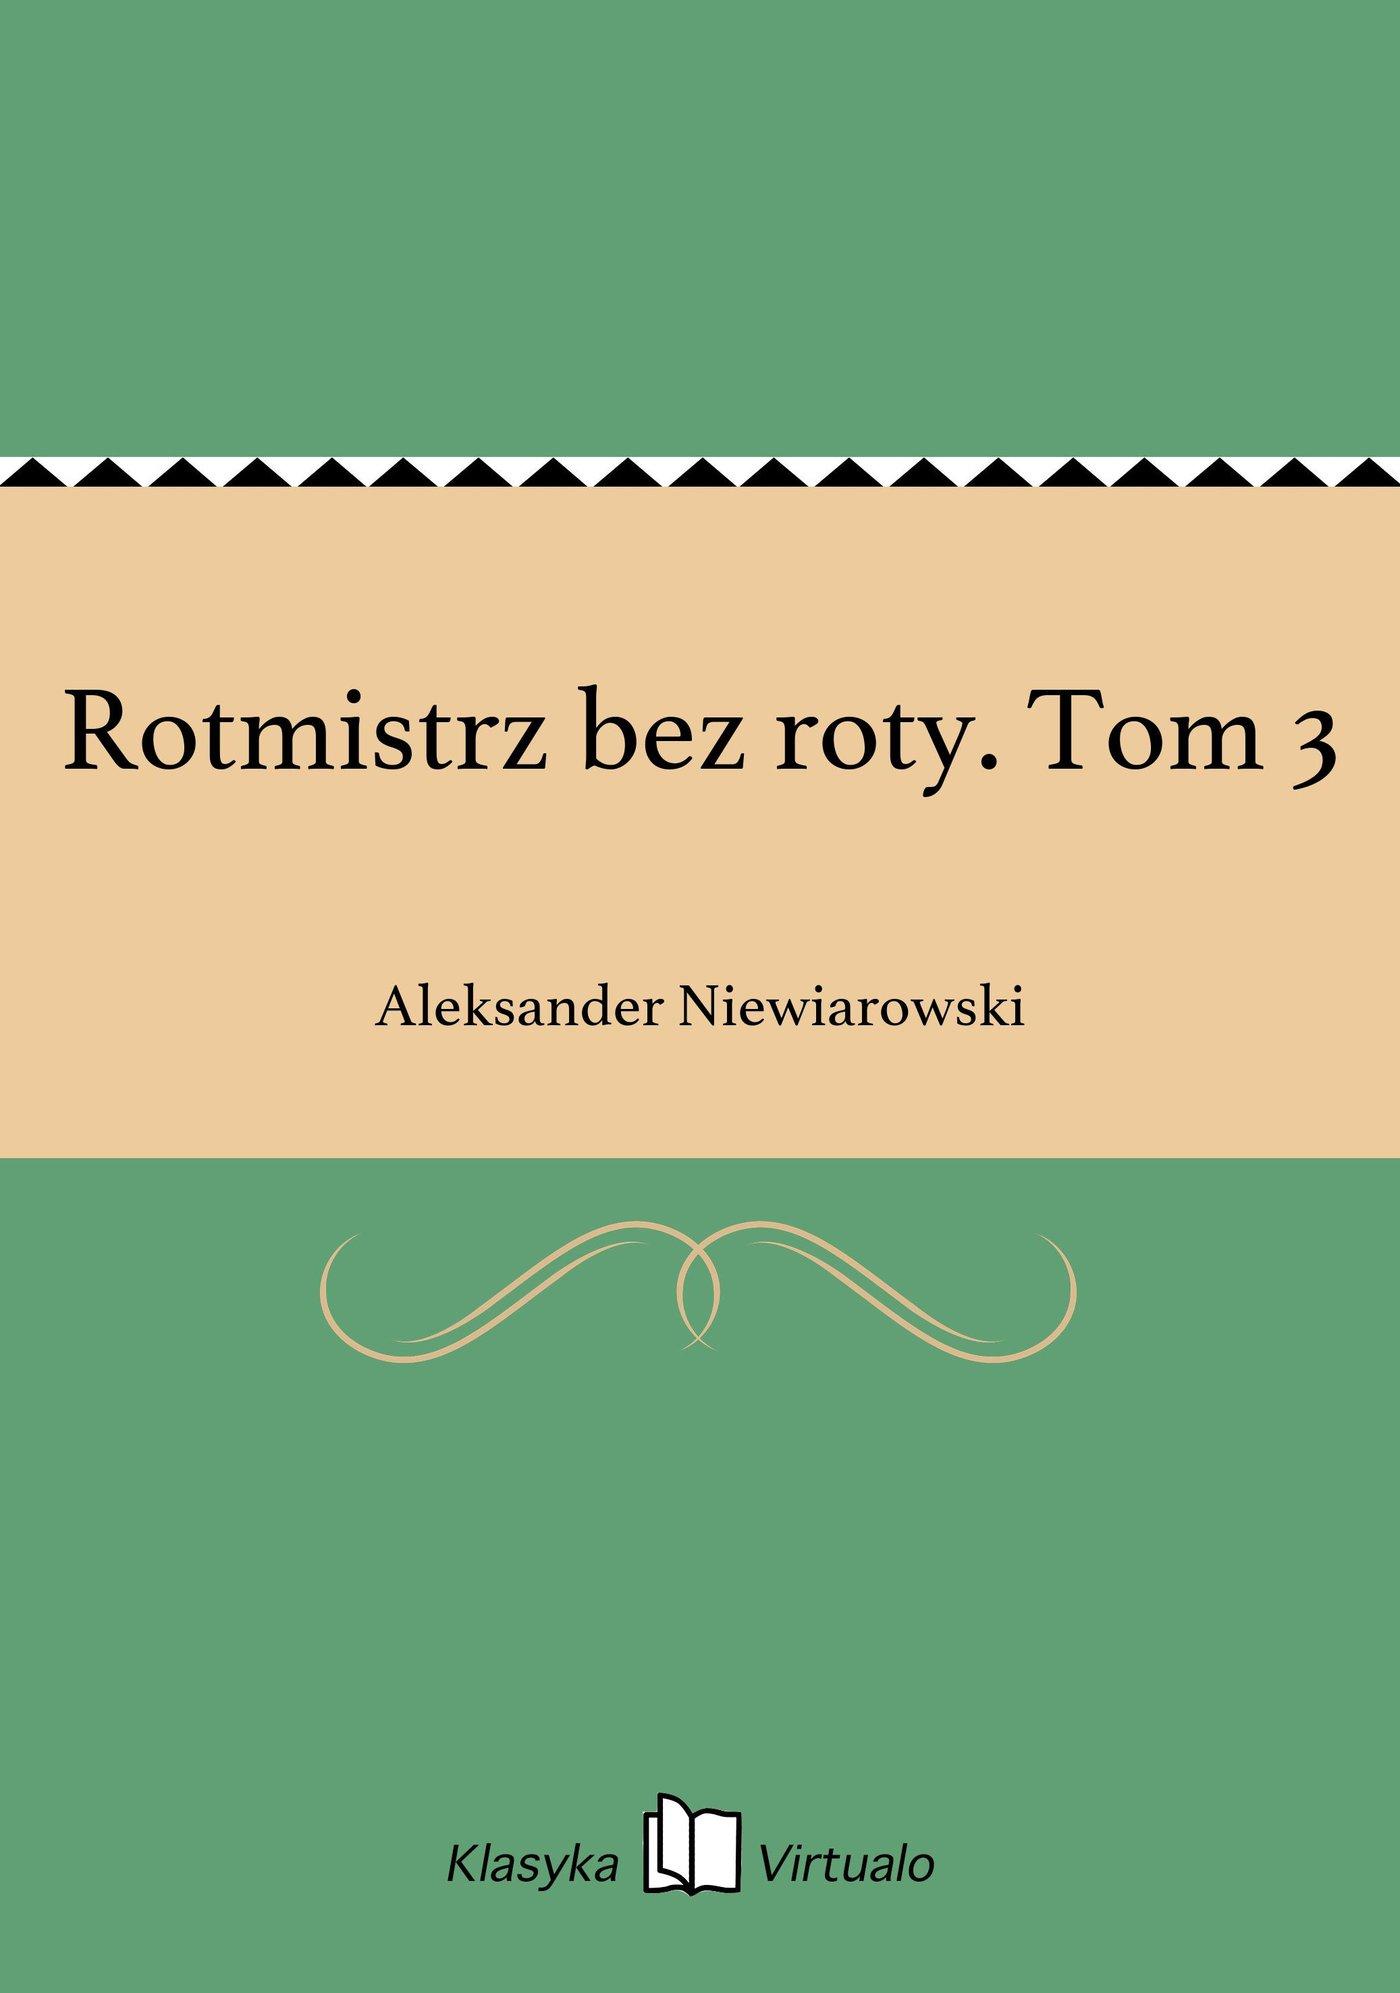 Rotmistrz bez roty. Tom 3 - Ebook (Książka na Kindle) do pobrania w formacie MOBI